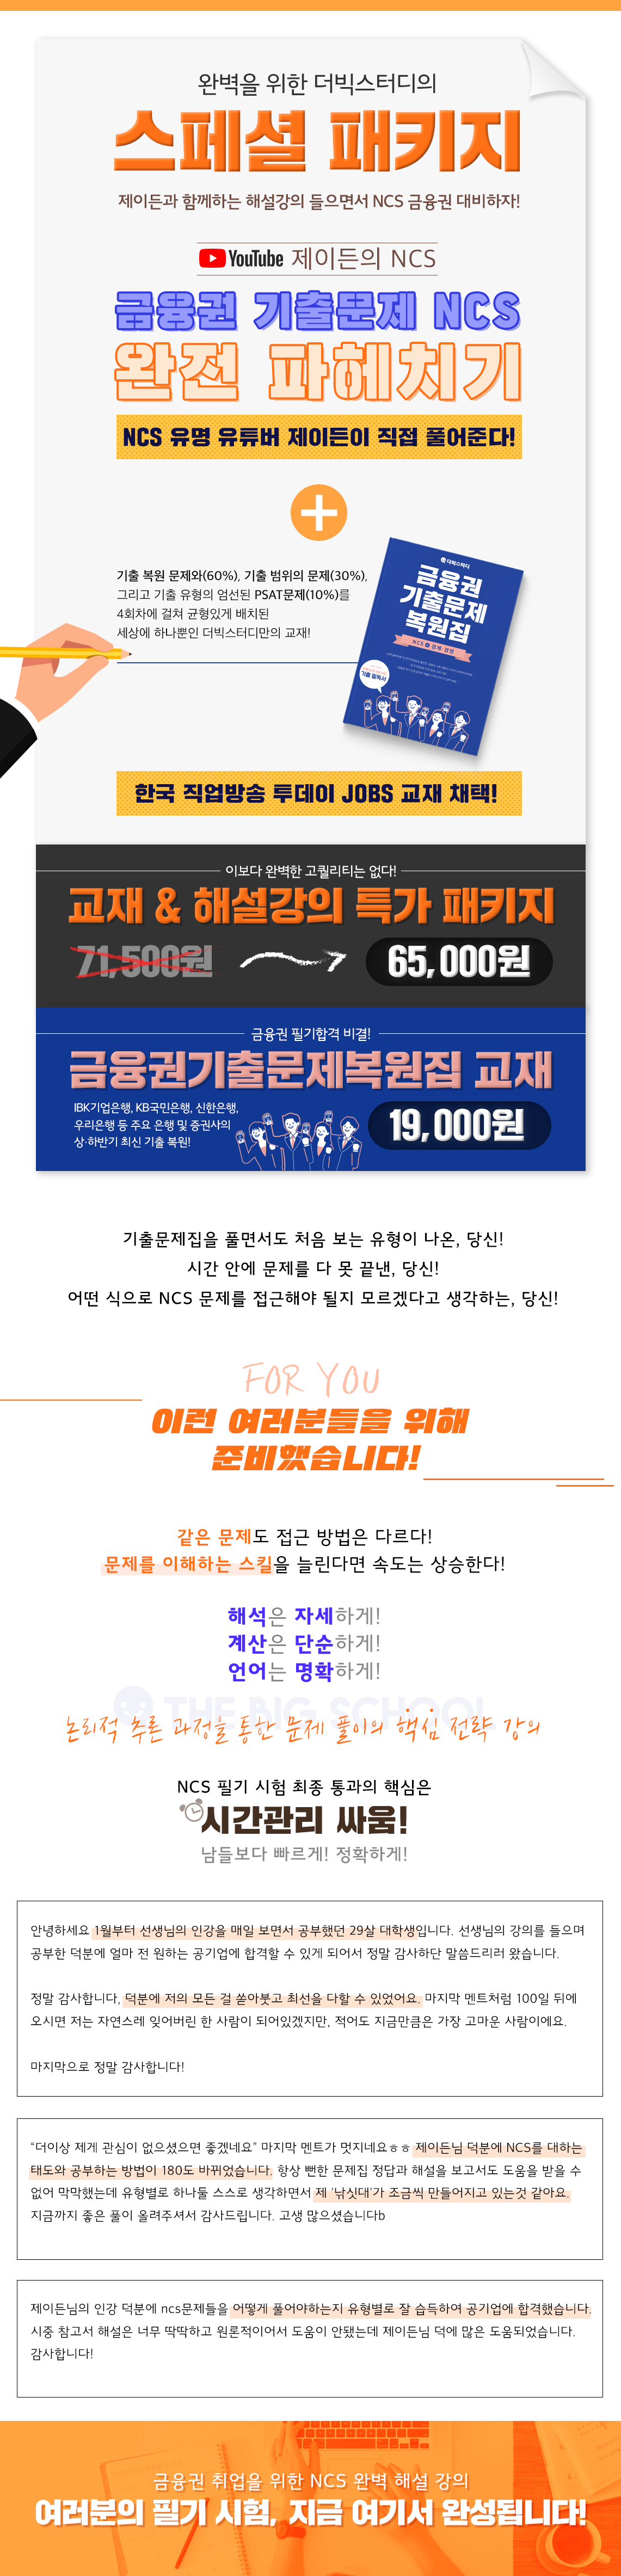 제이든-상세페이지_패키지_바이럴용.png